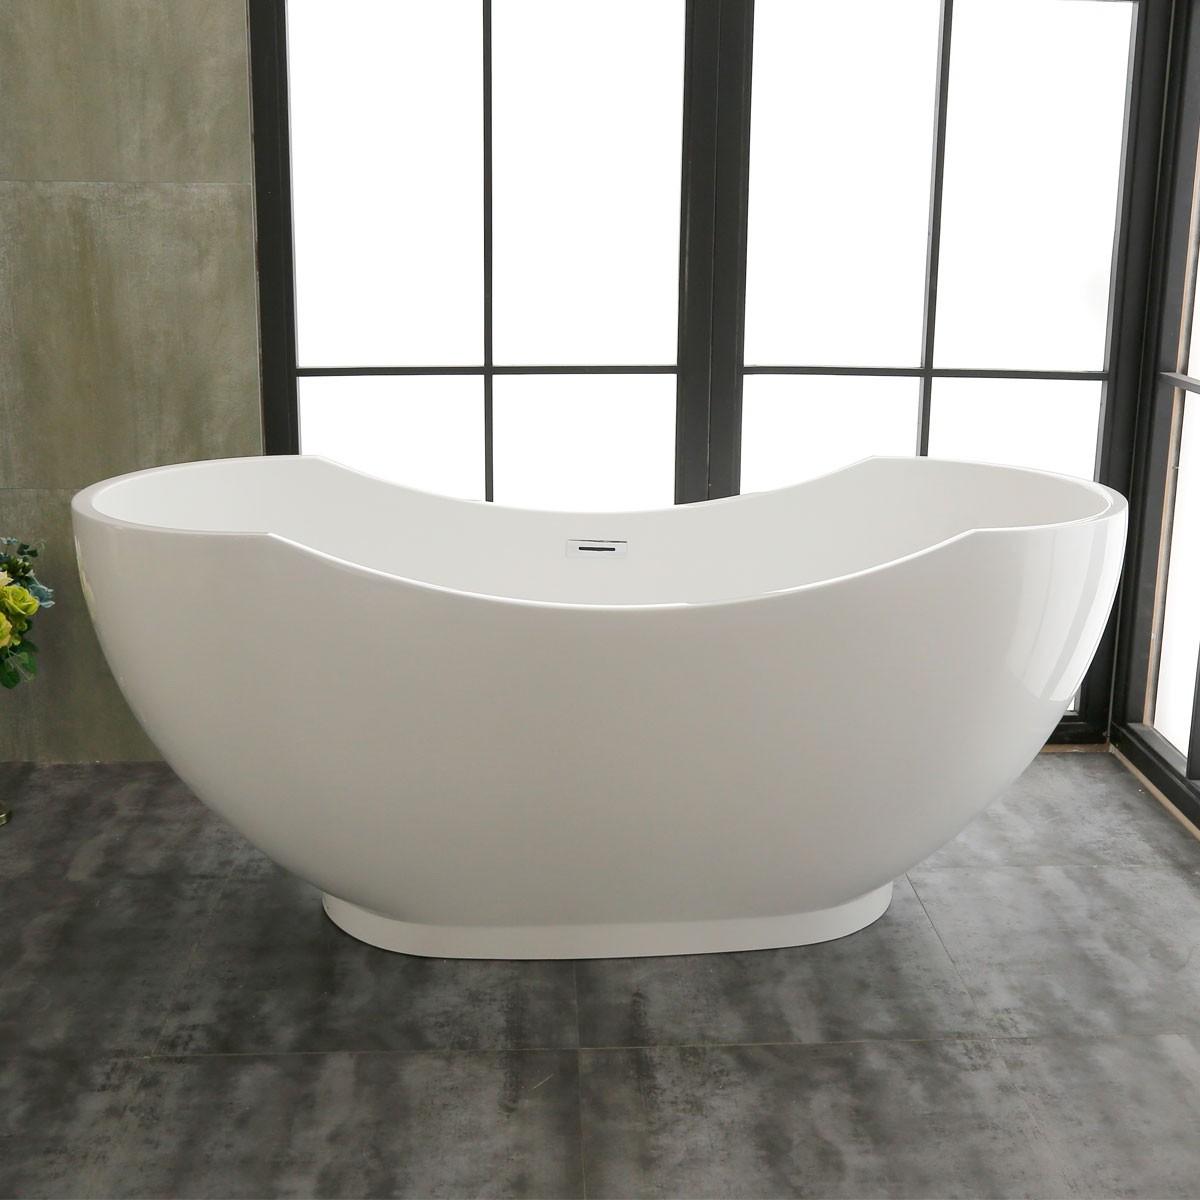 67 po baignoire autoportante en acrylique de salle de bain blanche dk pw 60775 decoraport Baignoire acrylique salle bains